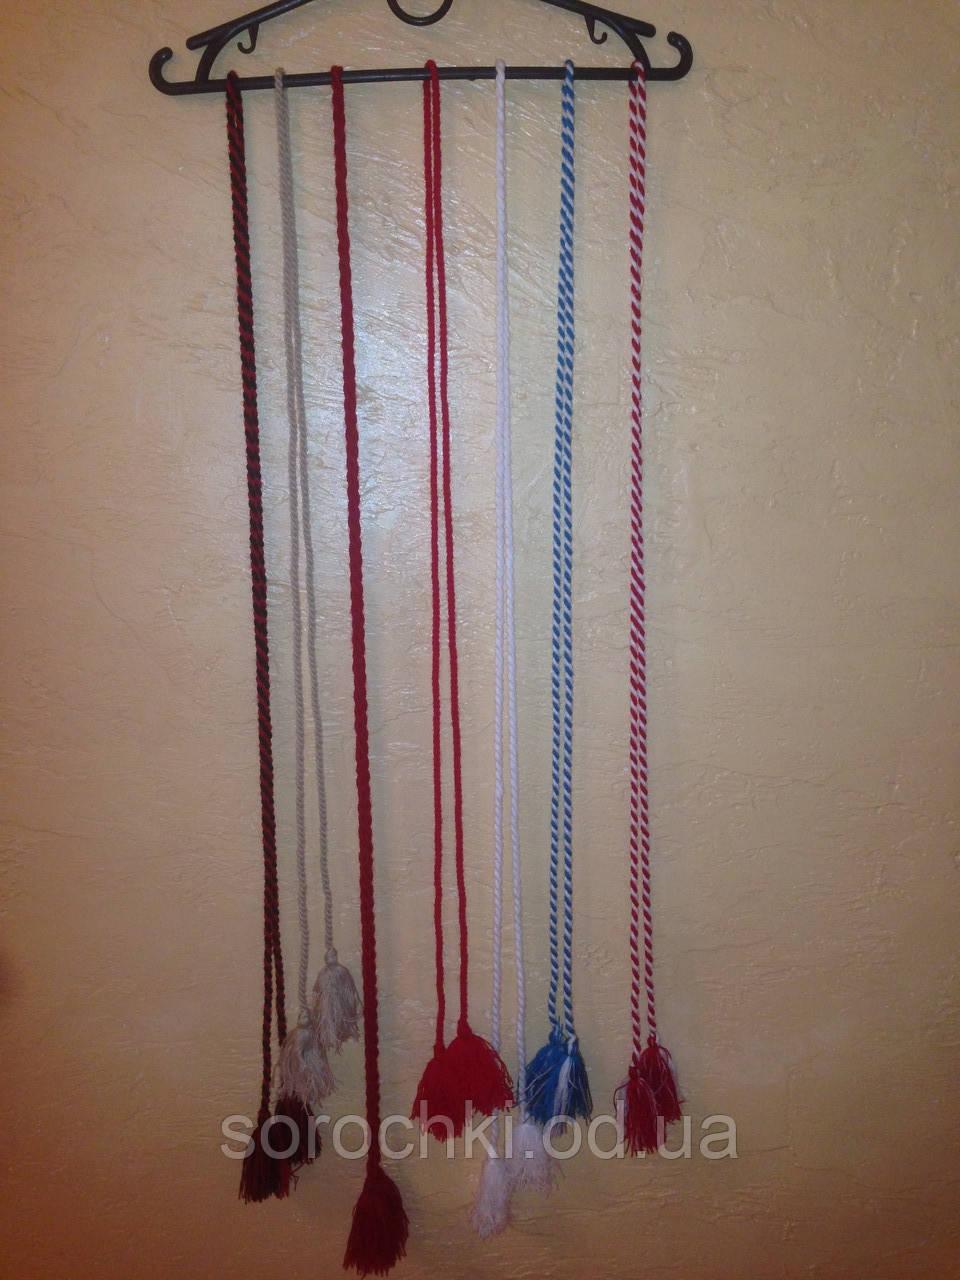 Пояса для вышиванок, красный , белый , голубой ,бордовый ,красный с белым ,красный с черным